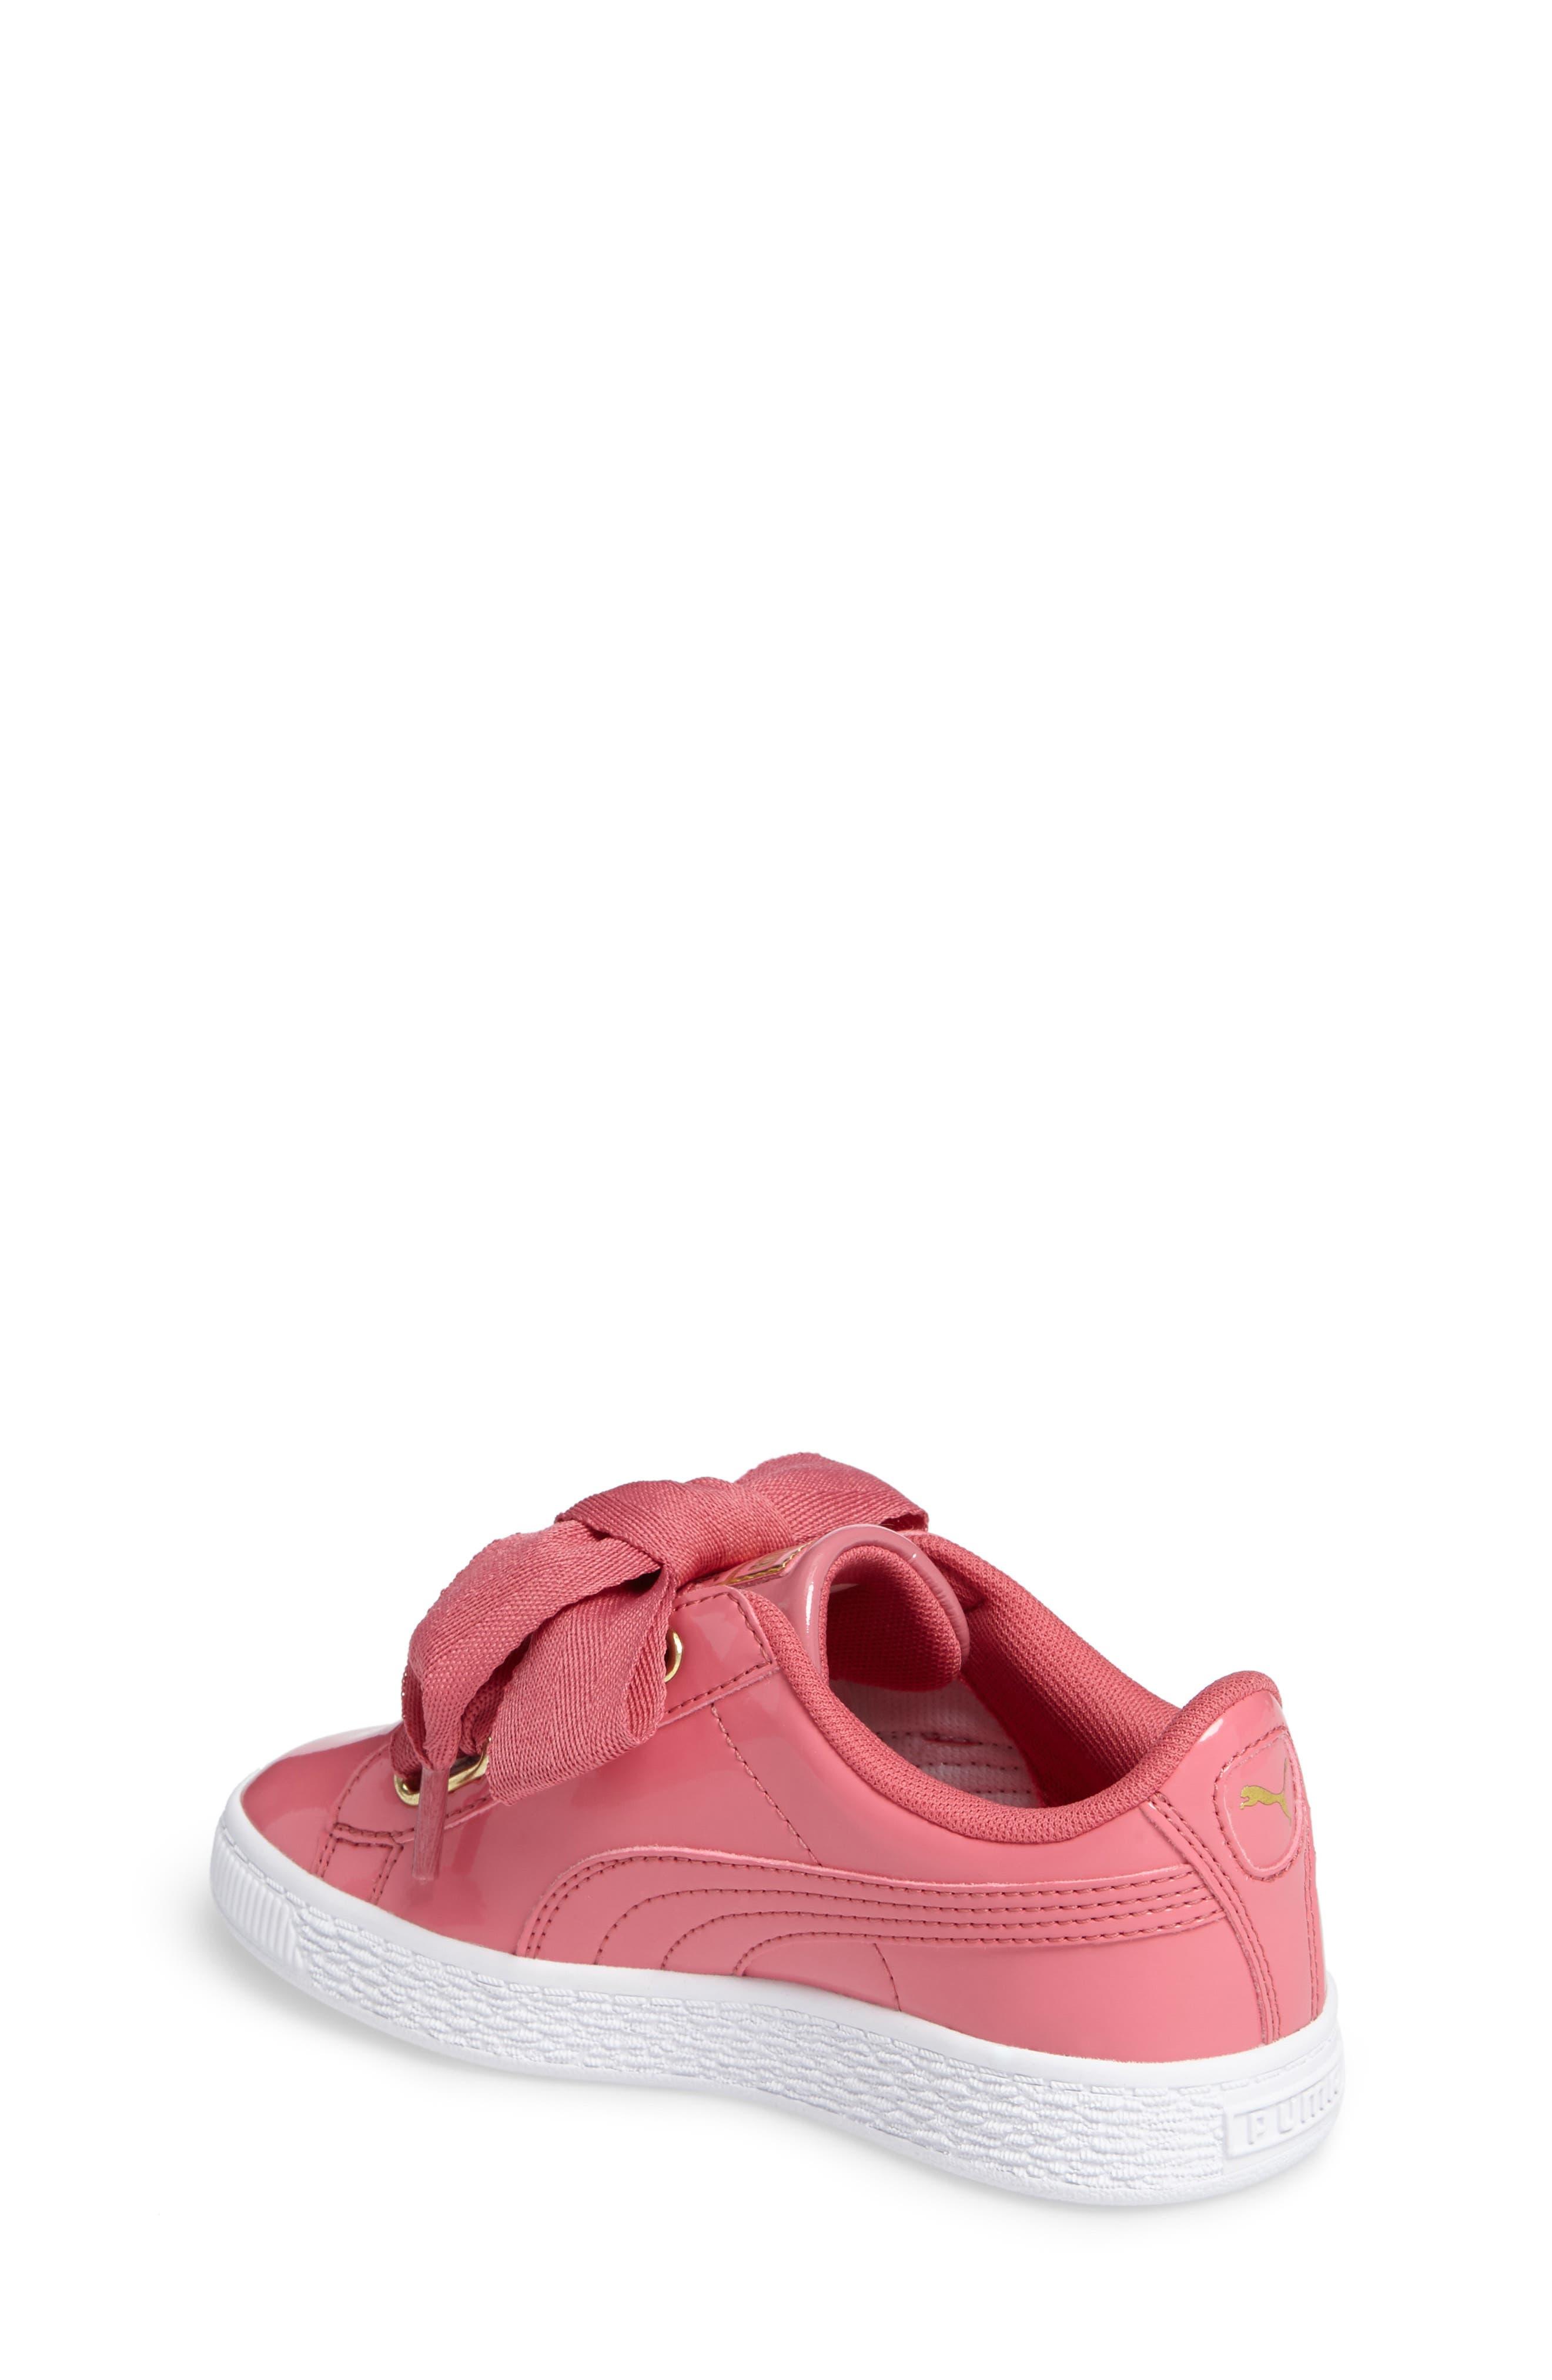 Basket Heart Sneaker,                             Alternate thumbnail 2, color,                             690